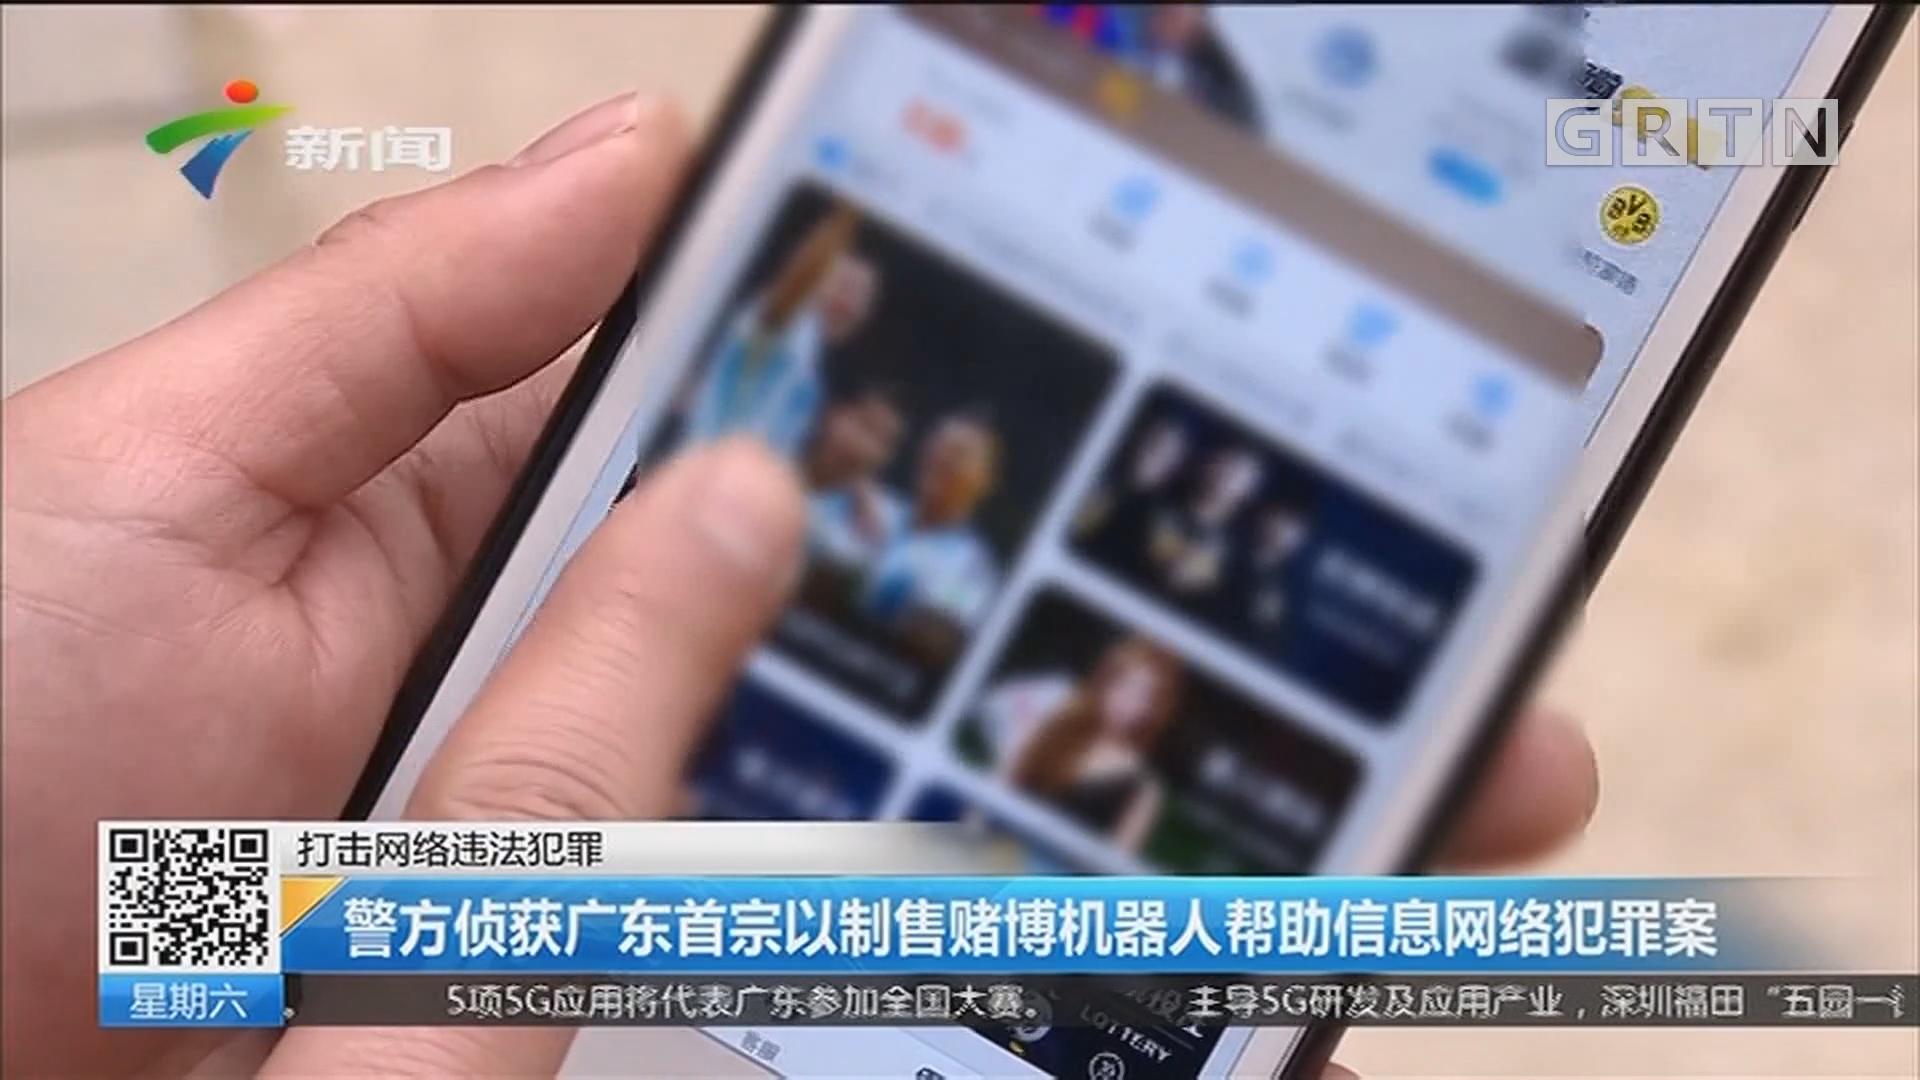 打击网络违法犯罪 警方侦获广东首宗以制售赌博机器人帮助信息网络犯罪案